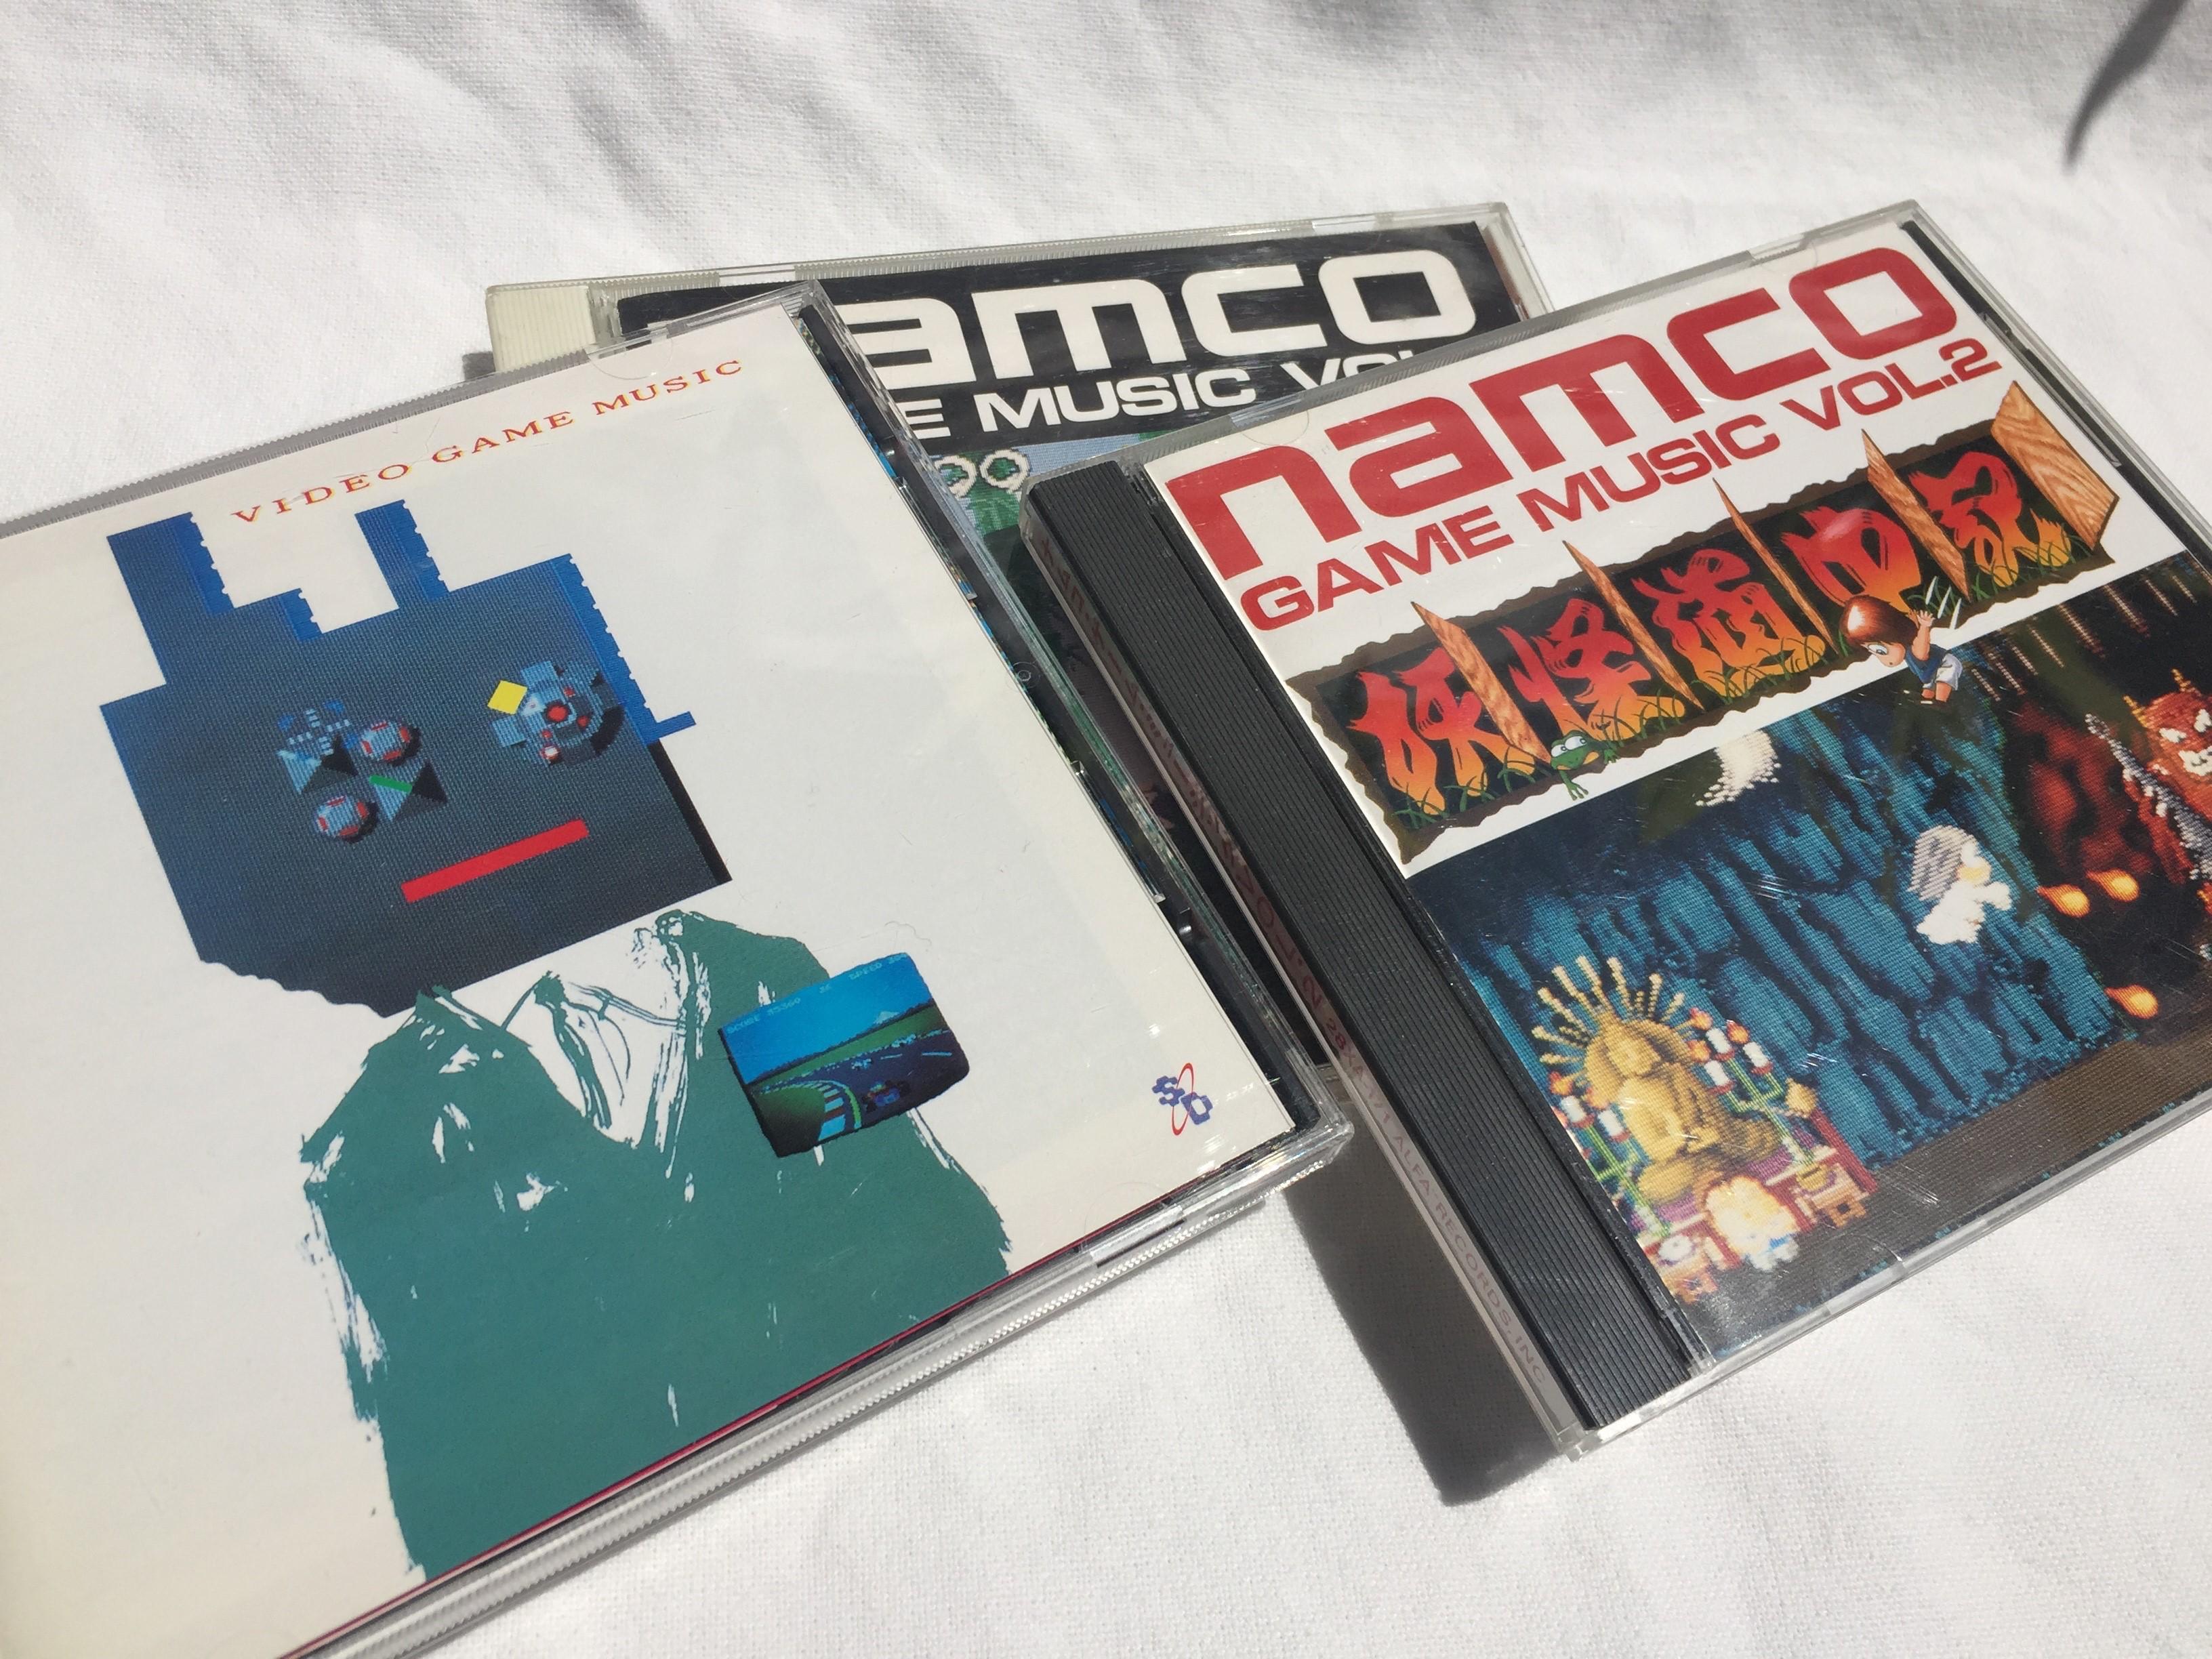 namcoalbums